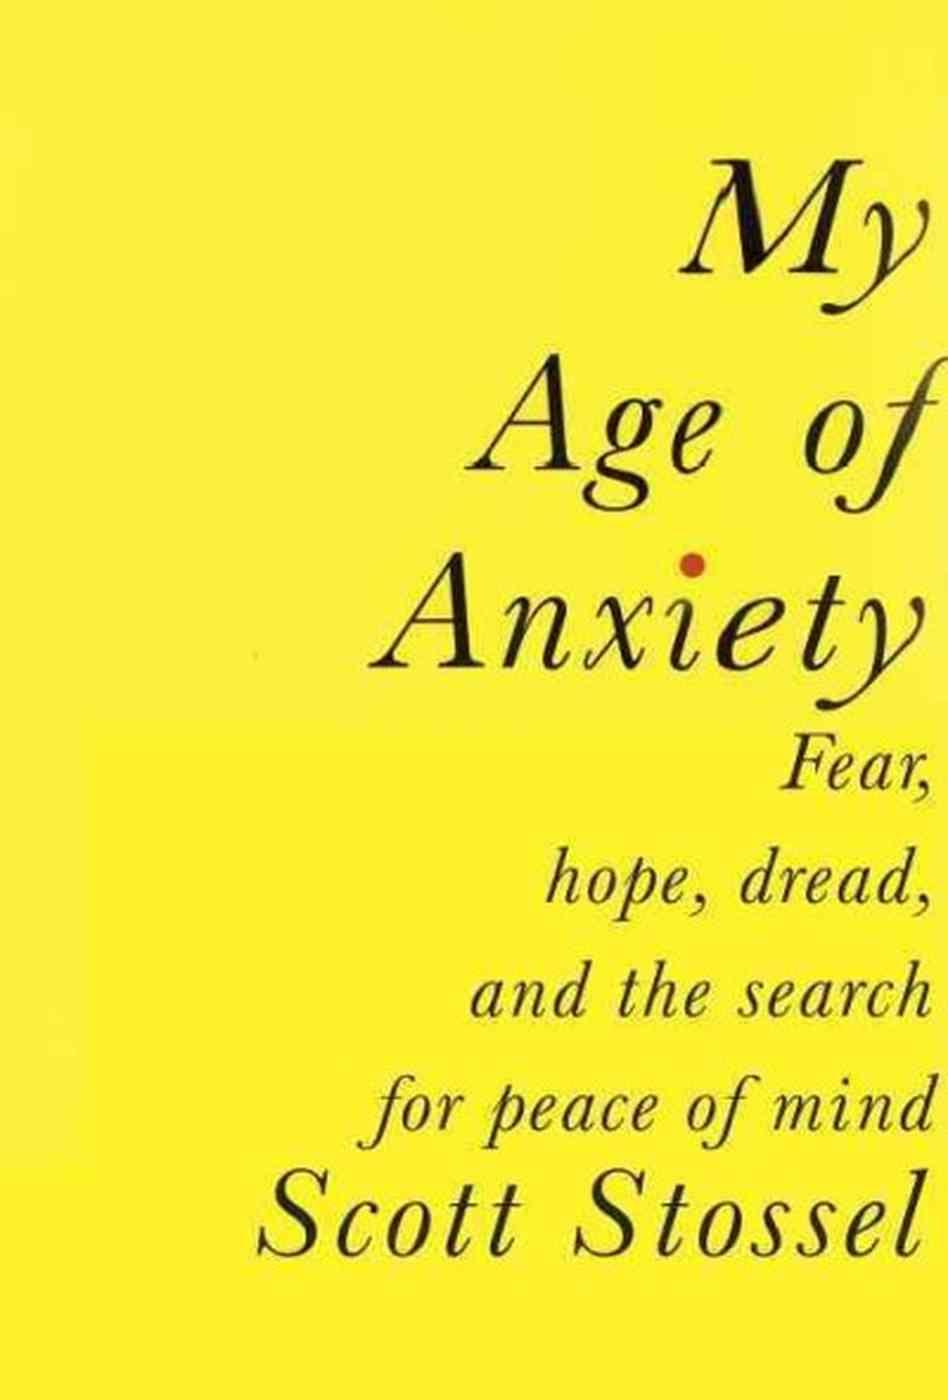 2014-01-29-anxiety.jpg